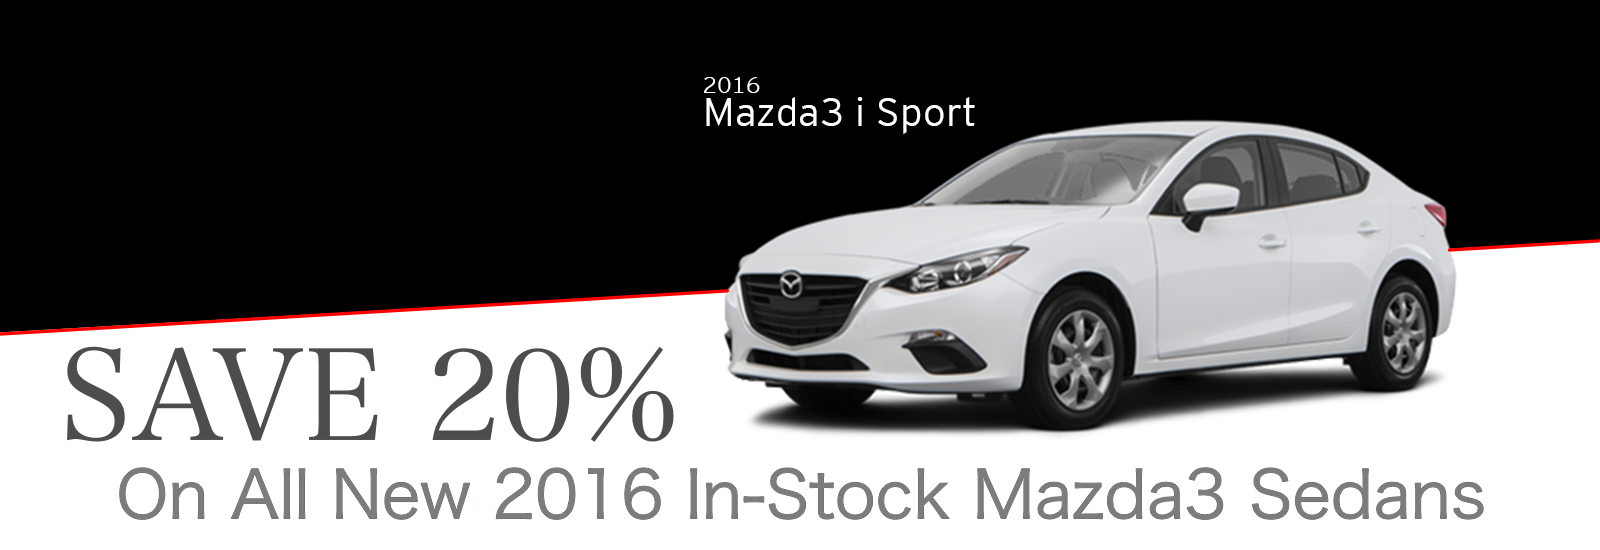 20%Mazda3